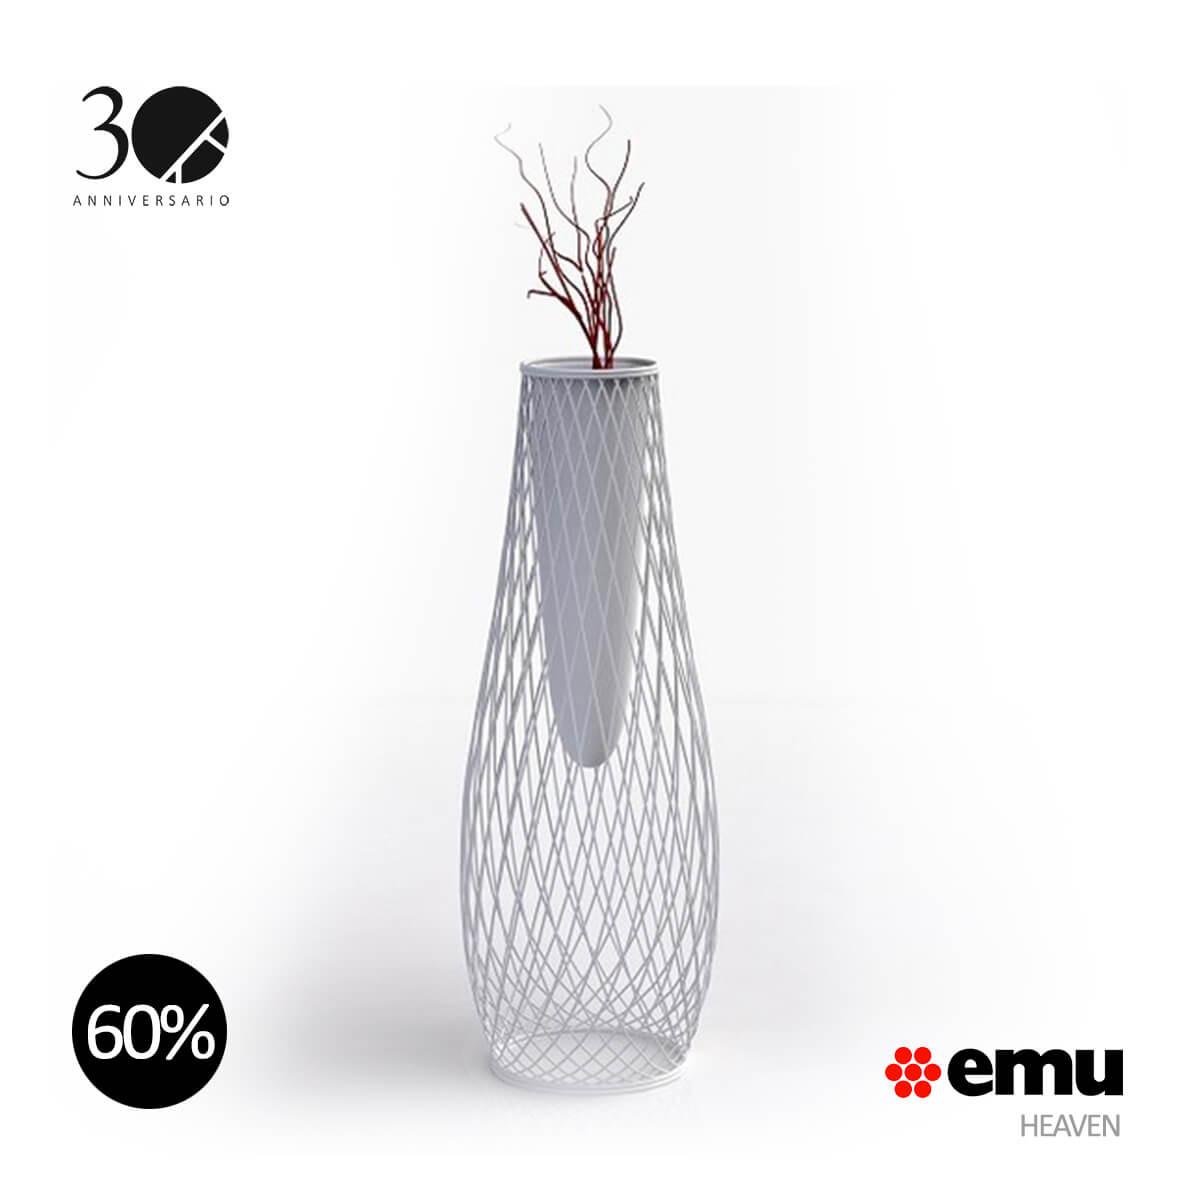 EMU - heaven 2